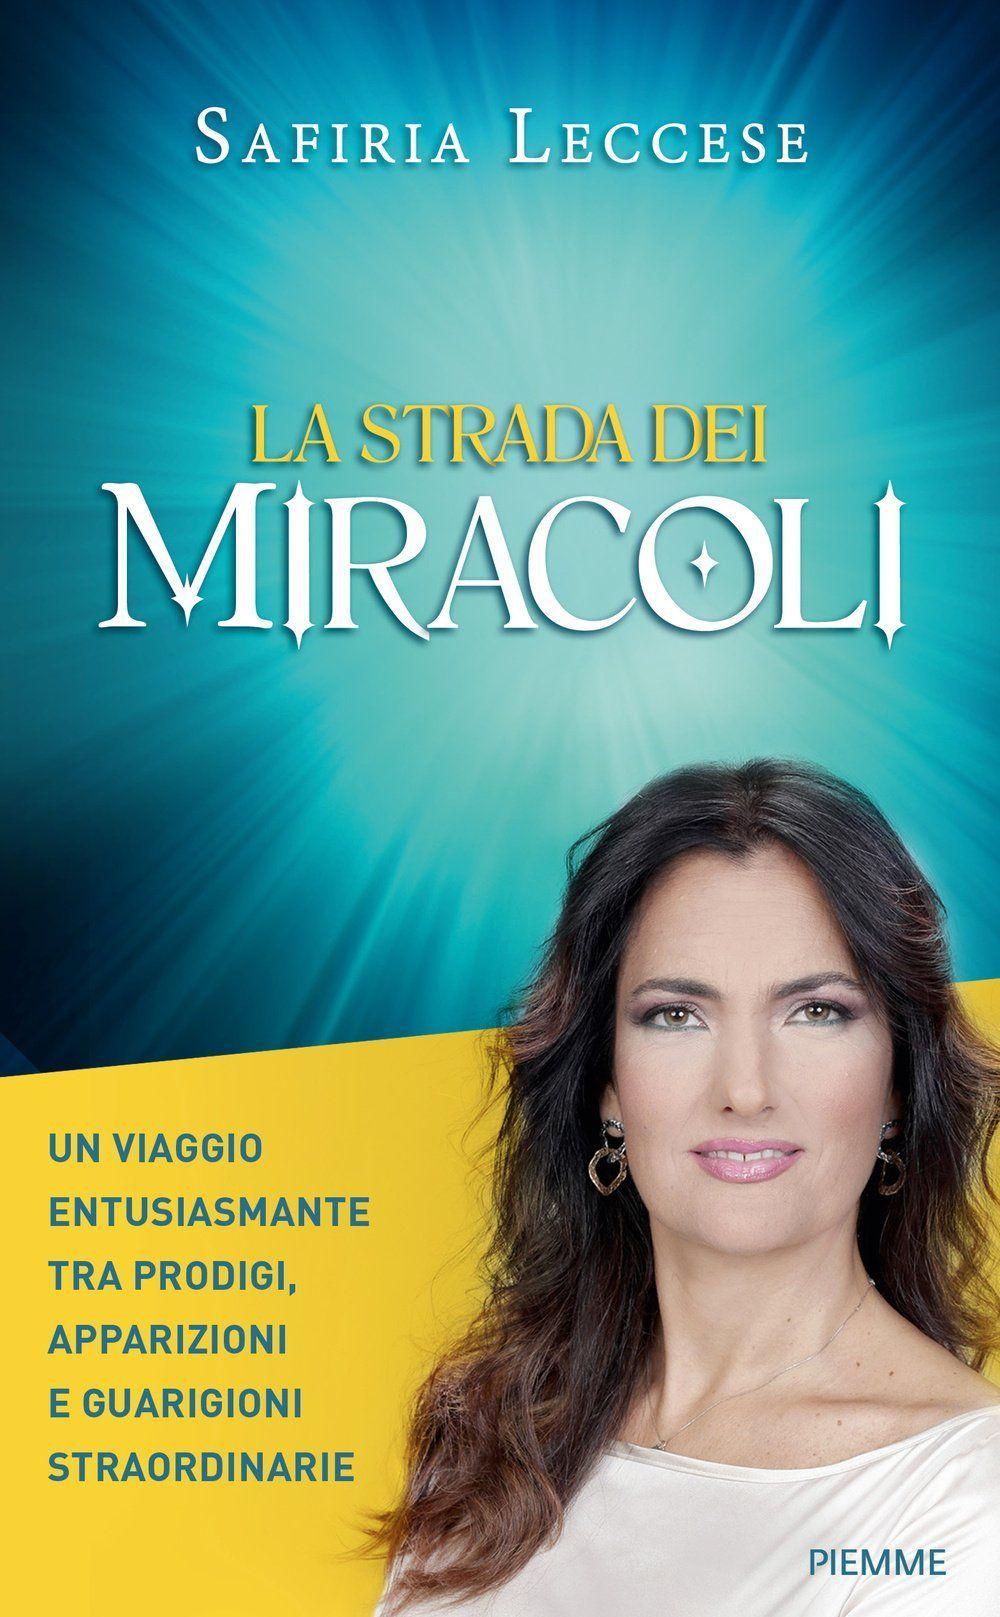 la strada dei miracoli, libro safiria leccese